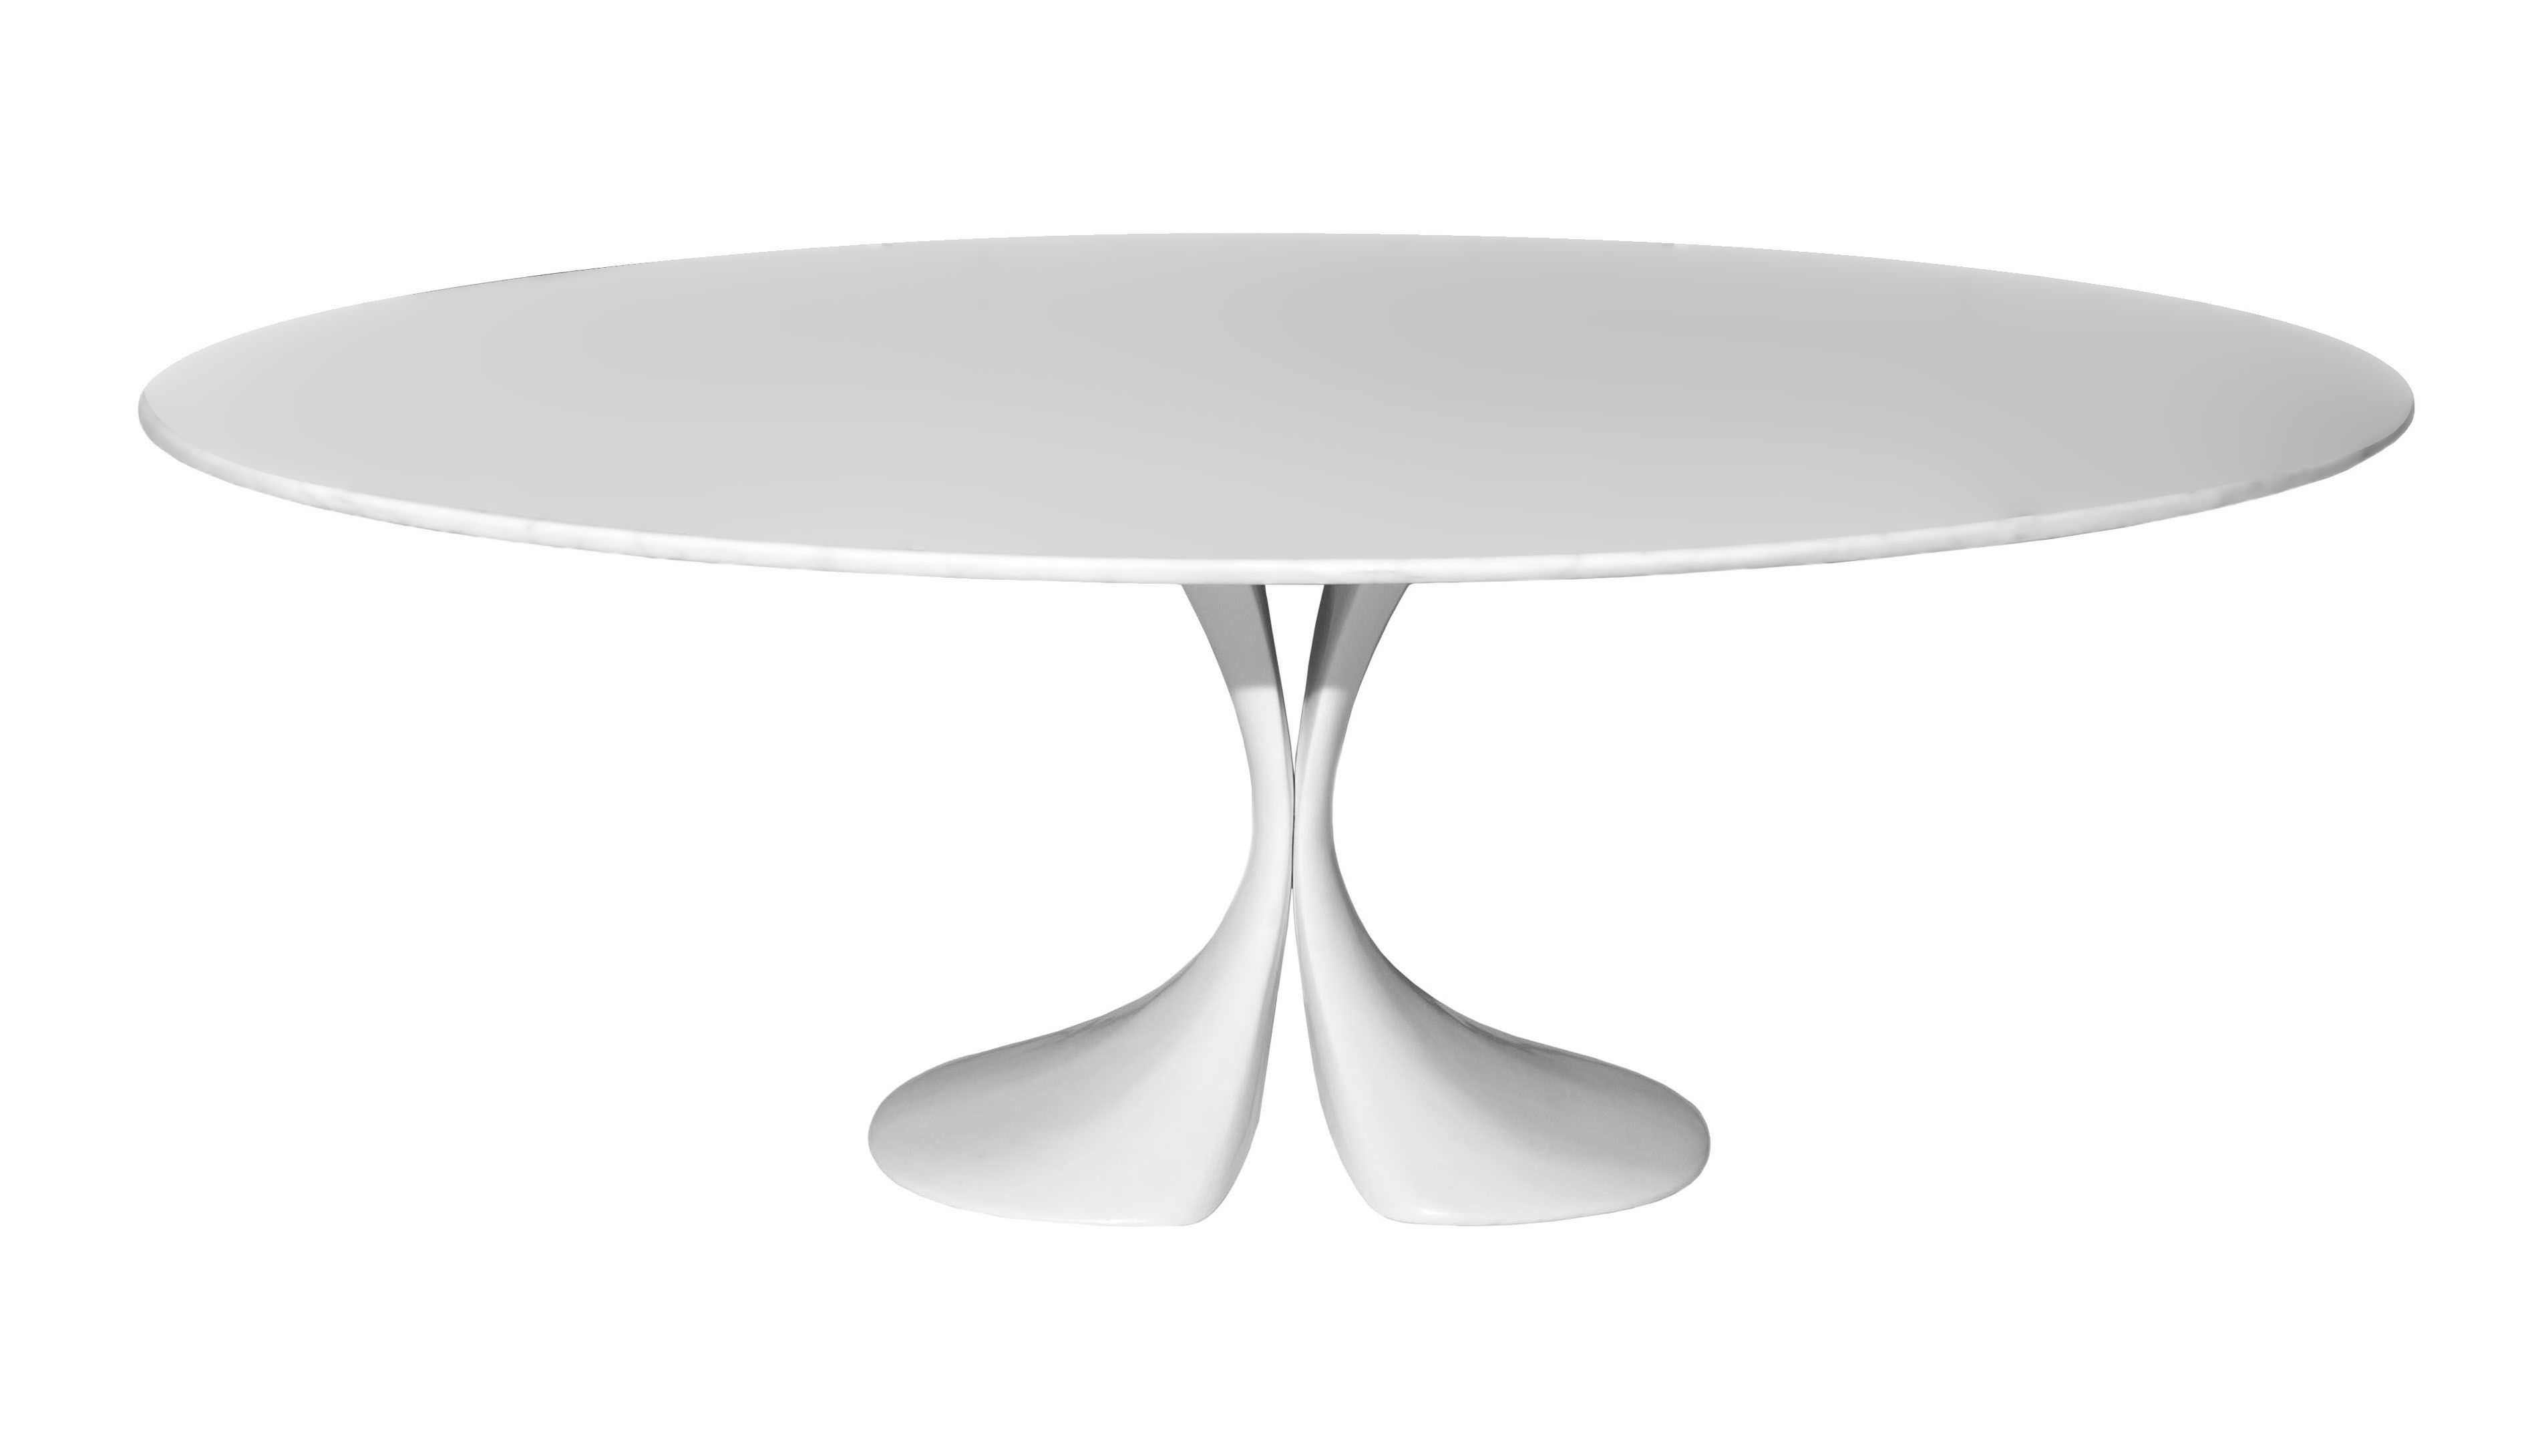 Mobilier - Tables - Table Didymos / Cristalplant - 180 x 126 cm - Driade - Plateau en Cristalplant blanc - Cristalplant